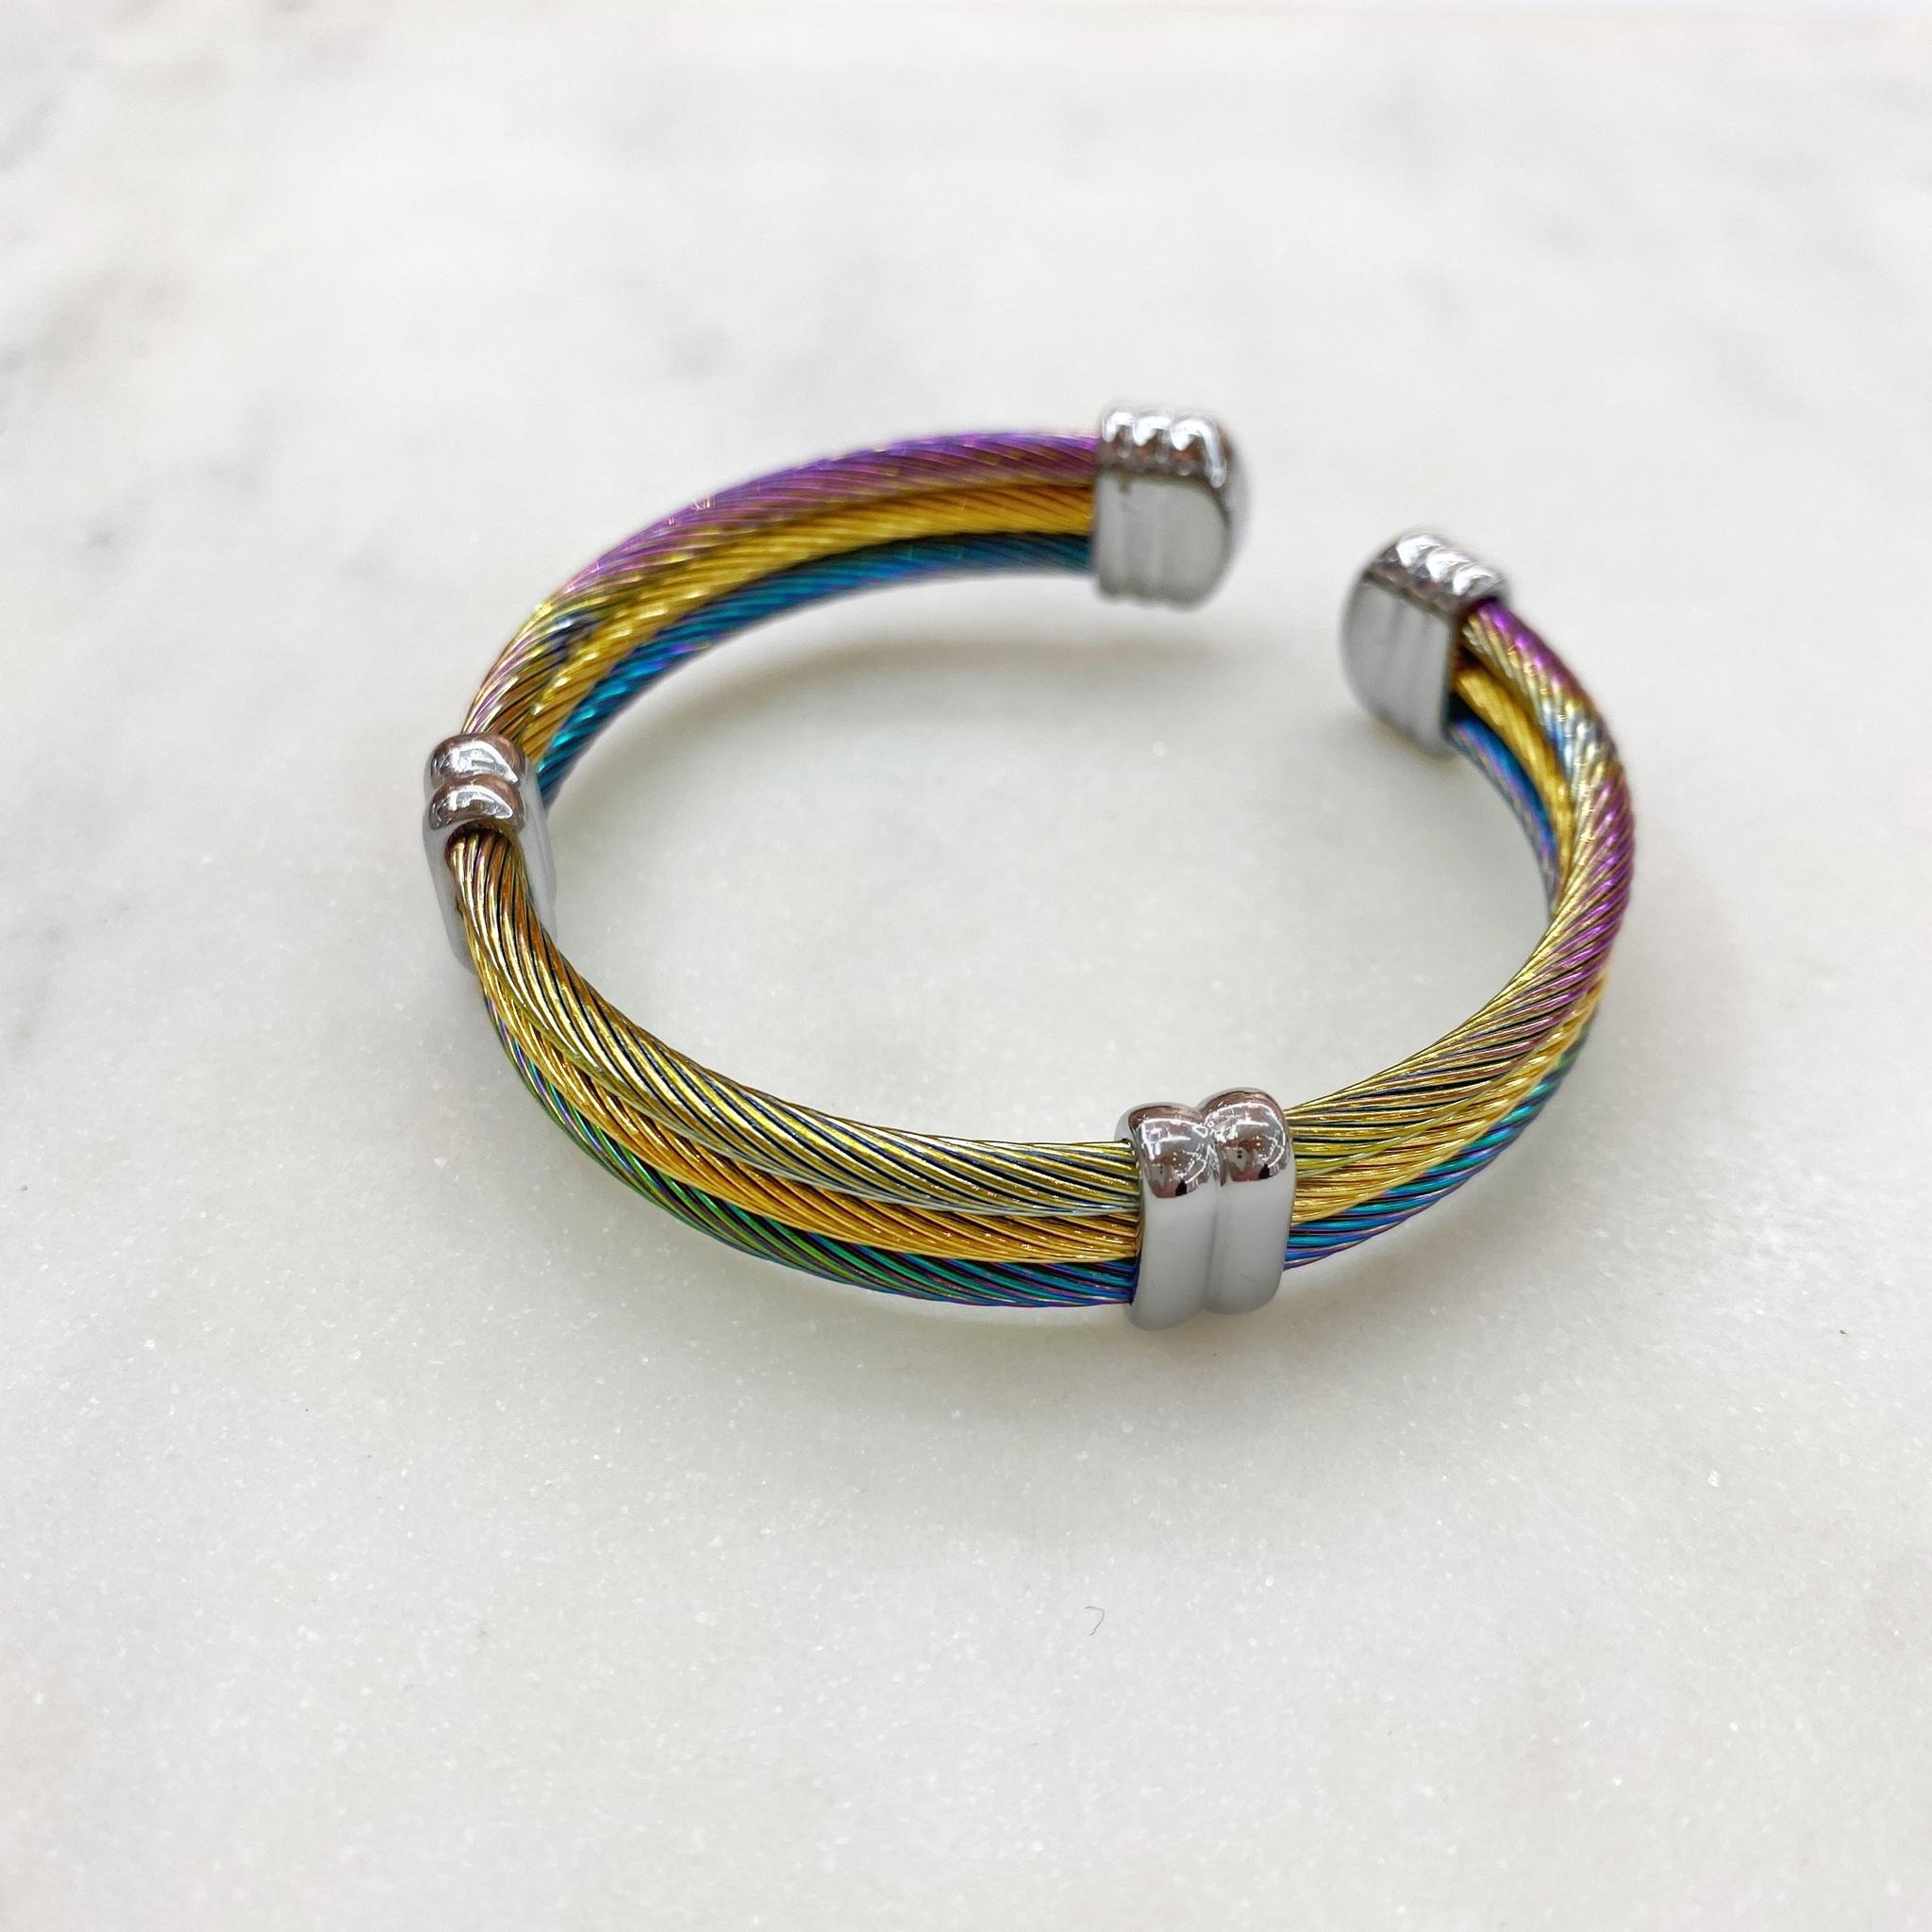 Браслет-обруч кабельный, сталь (мультицветный)